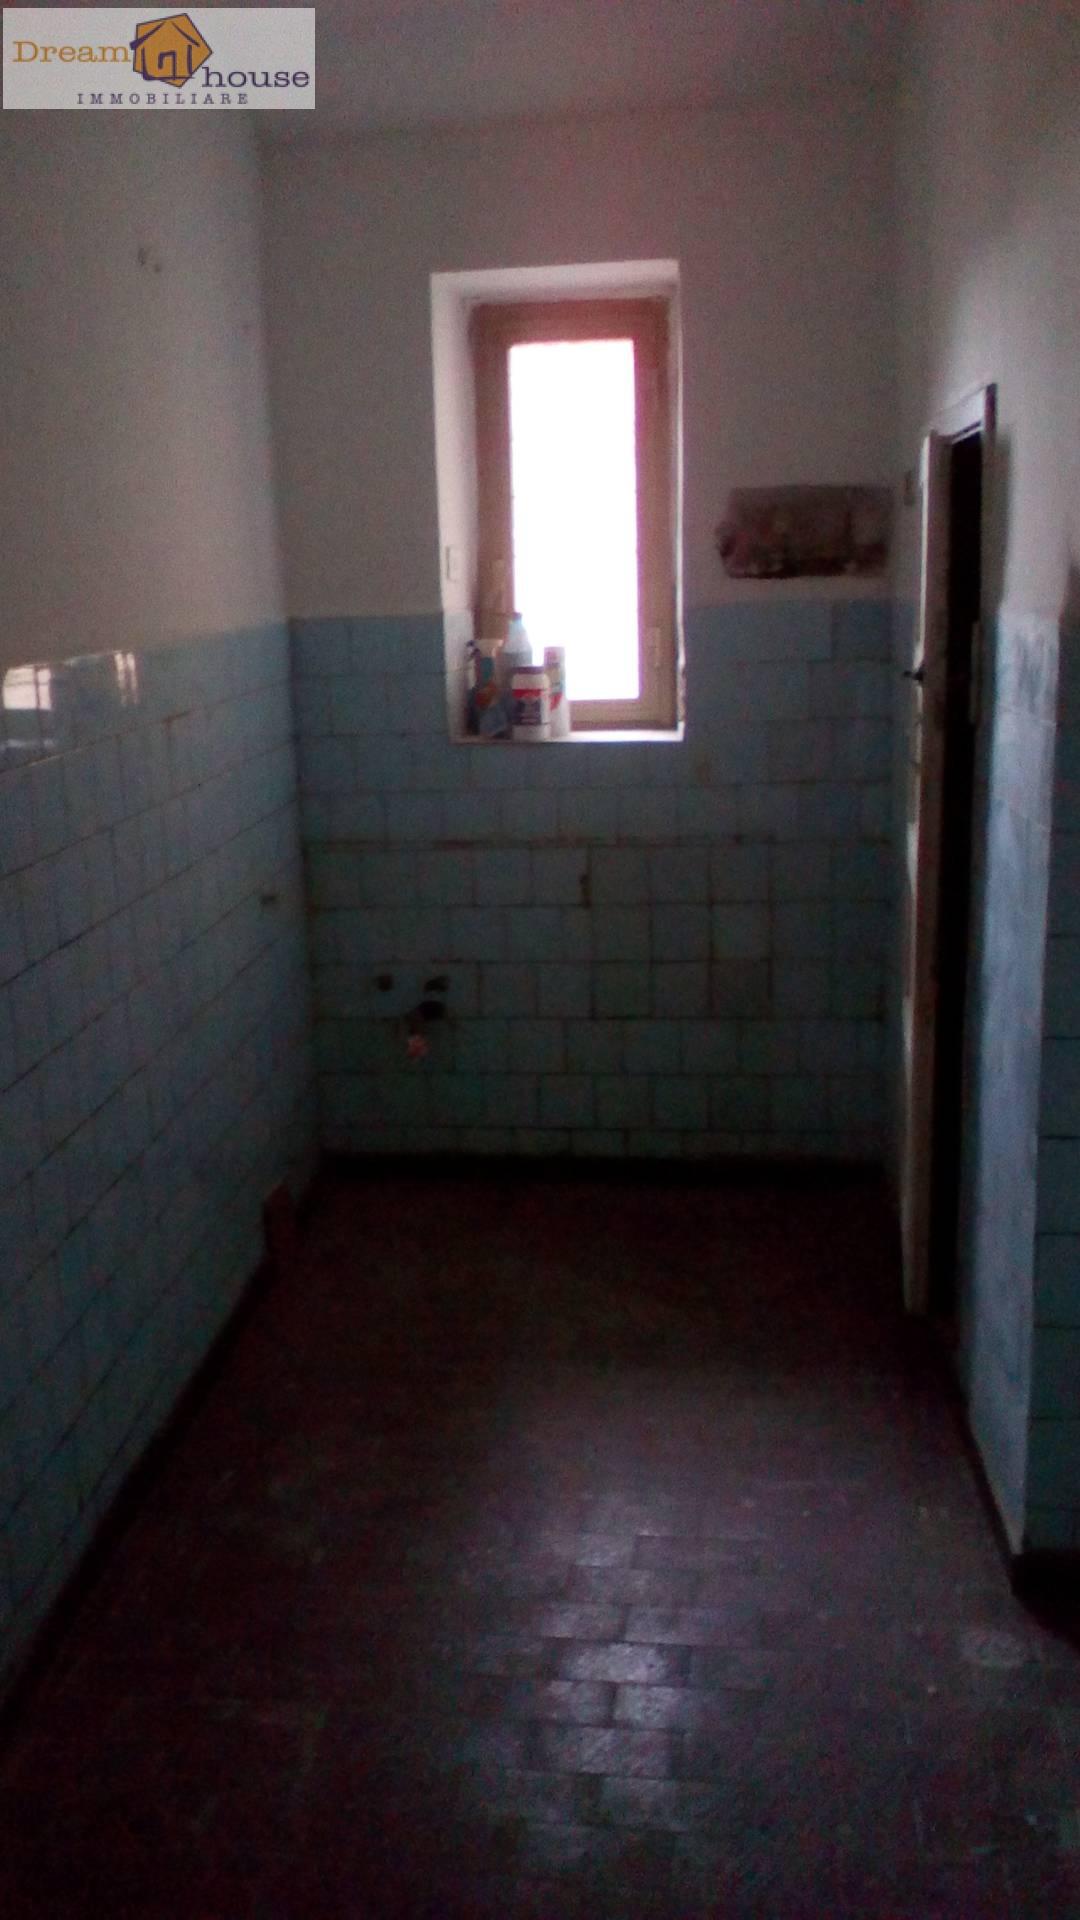 Appartamento in vendita a Genzano di Roma, 2 locali, prezzo € 55.000 | CambioCasa.it